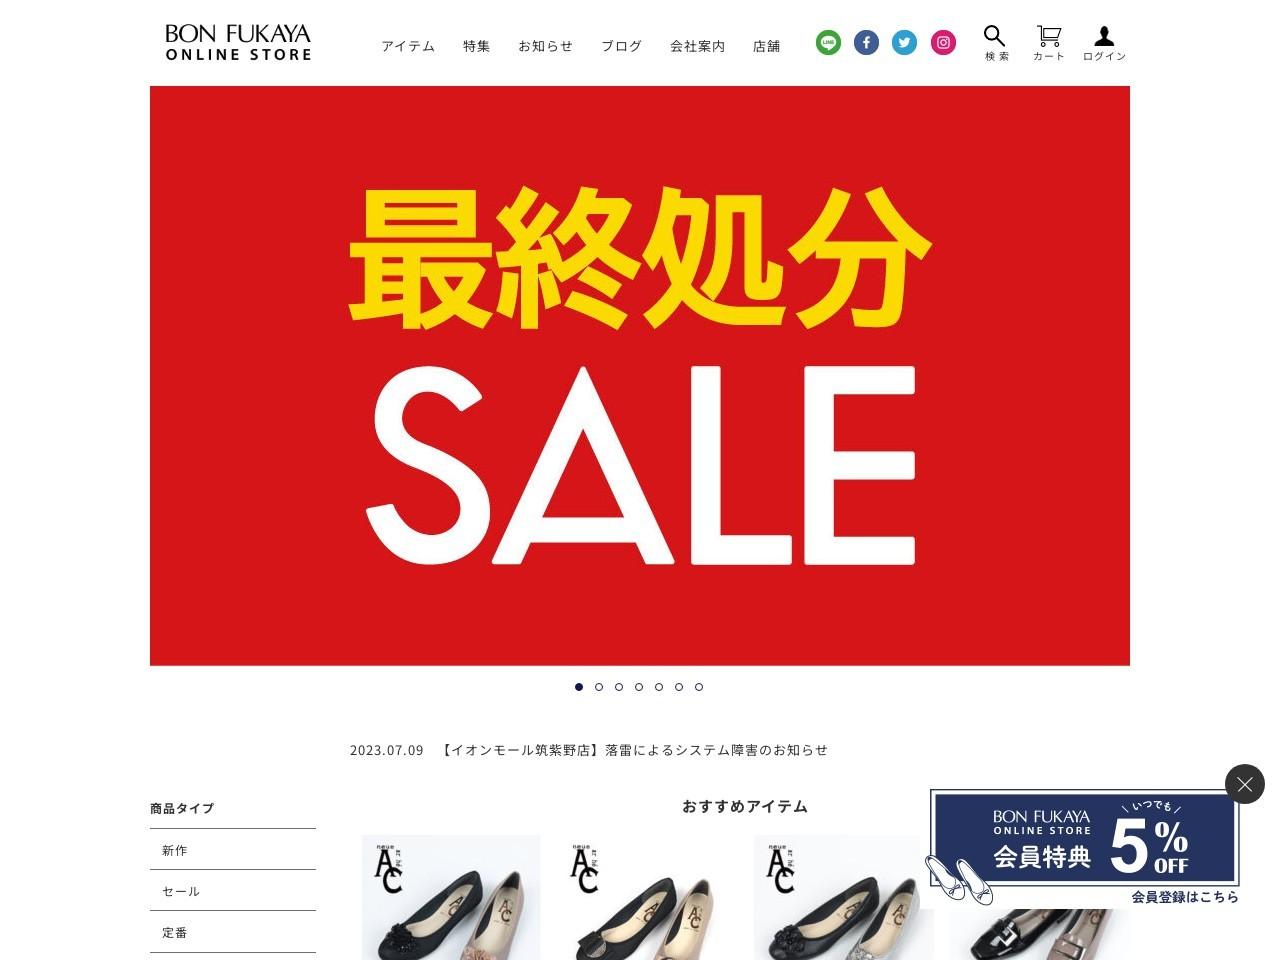 ボンフカヤ株式会社 | 公式WEBサイト